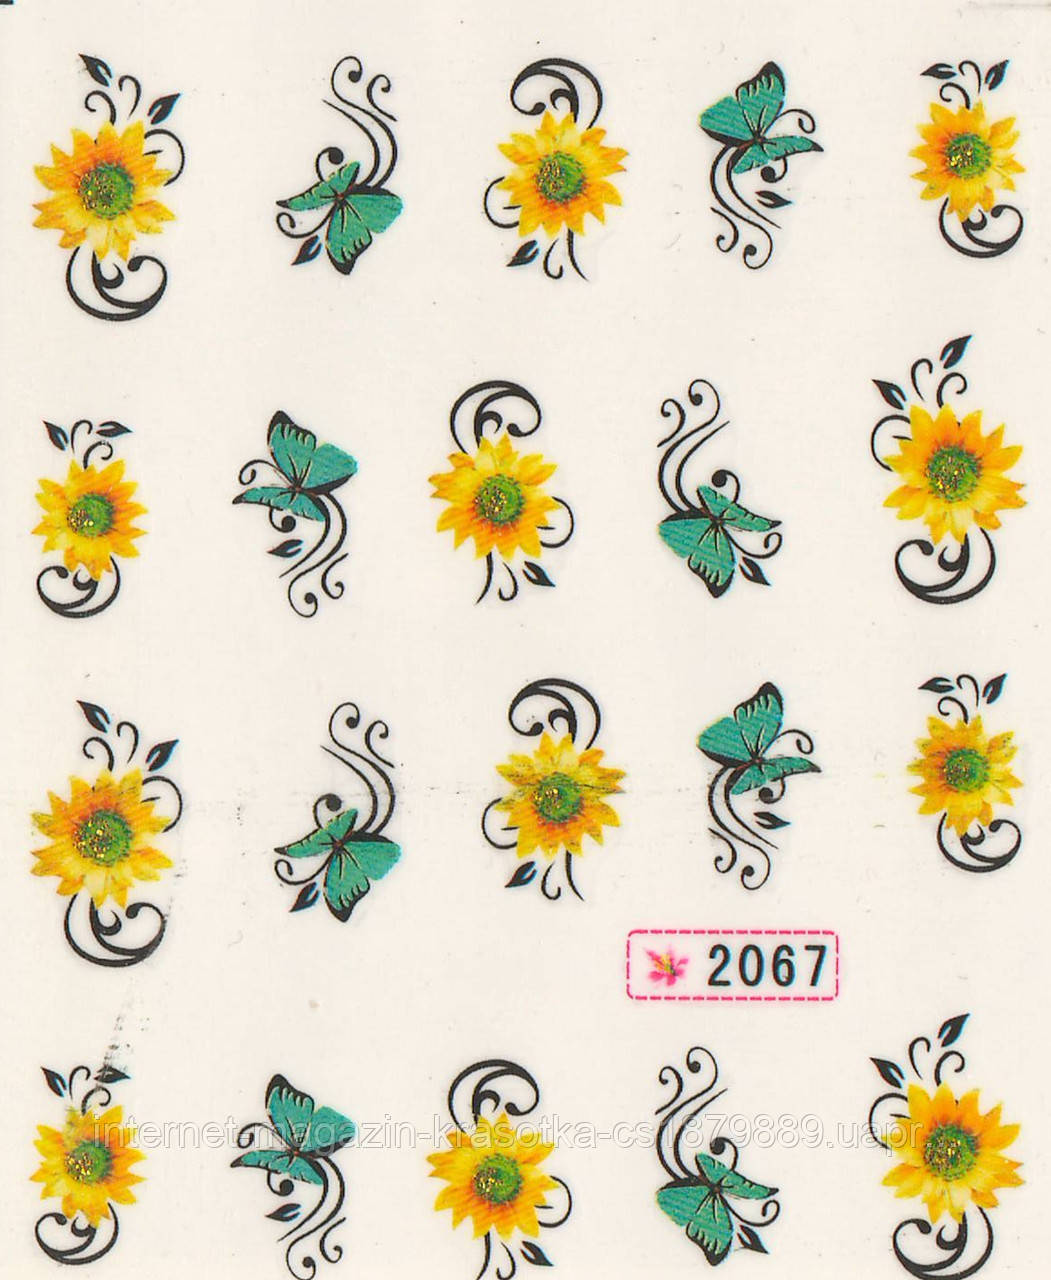 Слайдер-дизайн для ногтей 2067